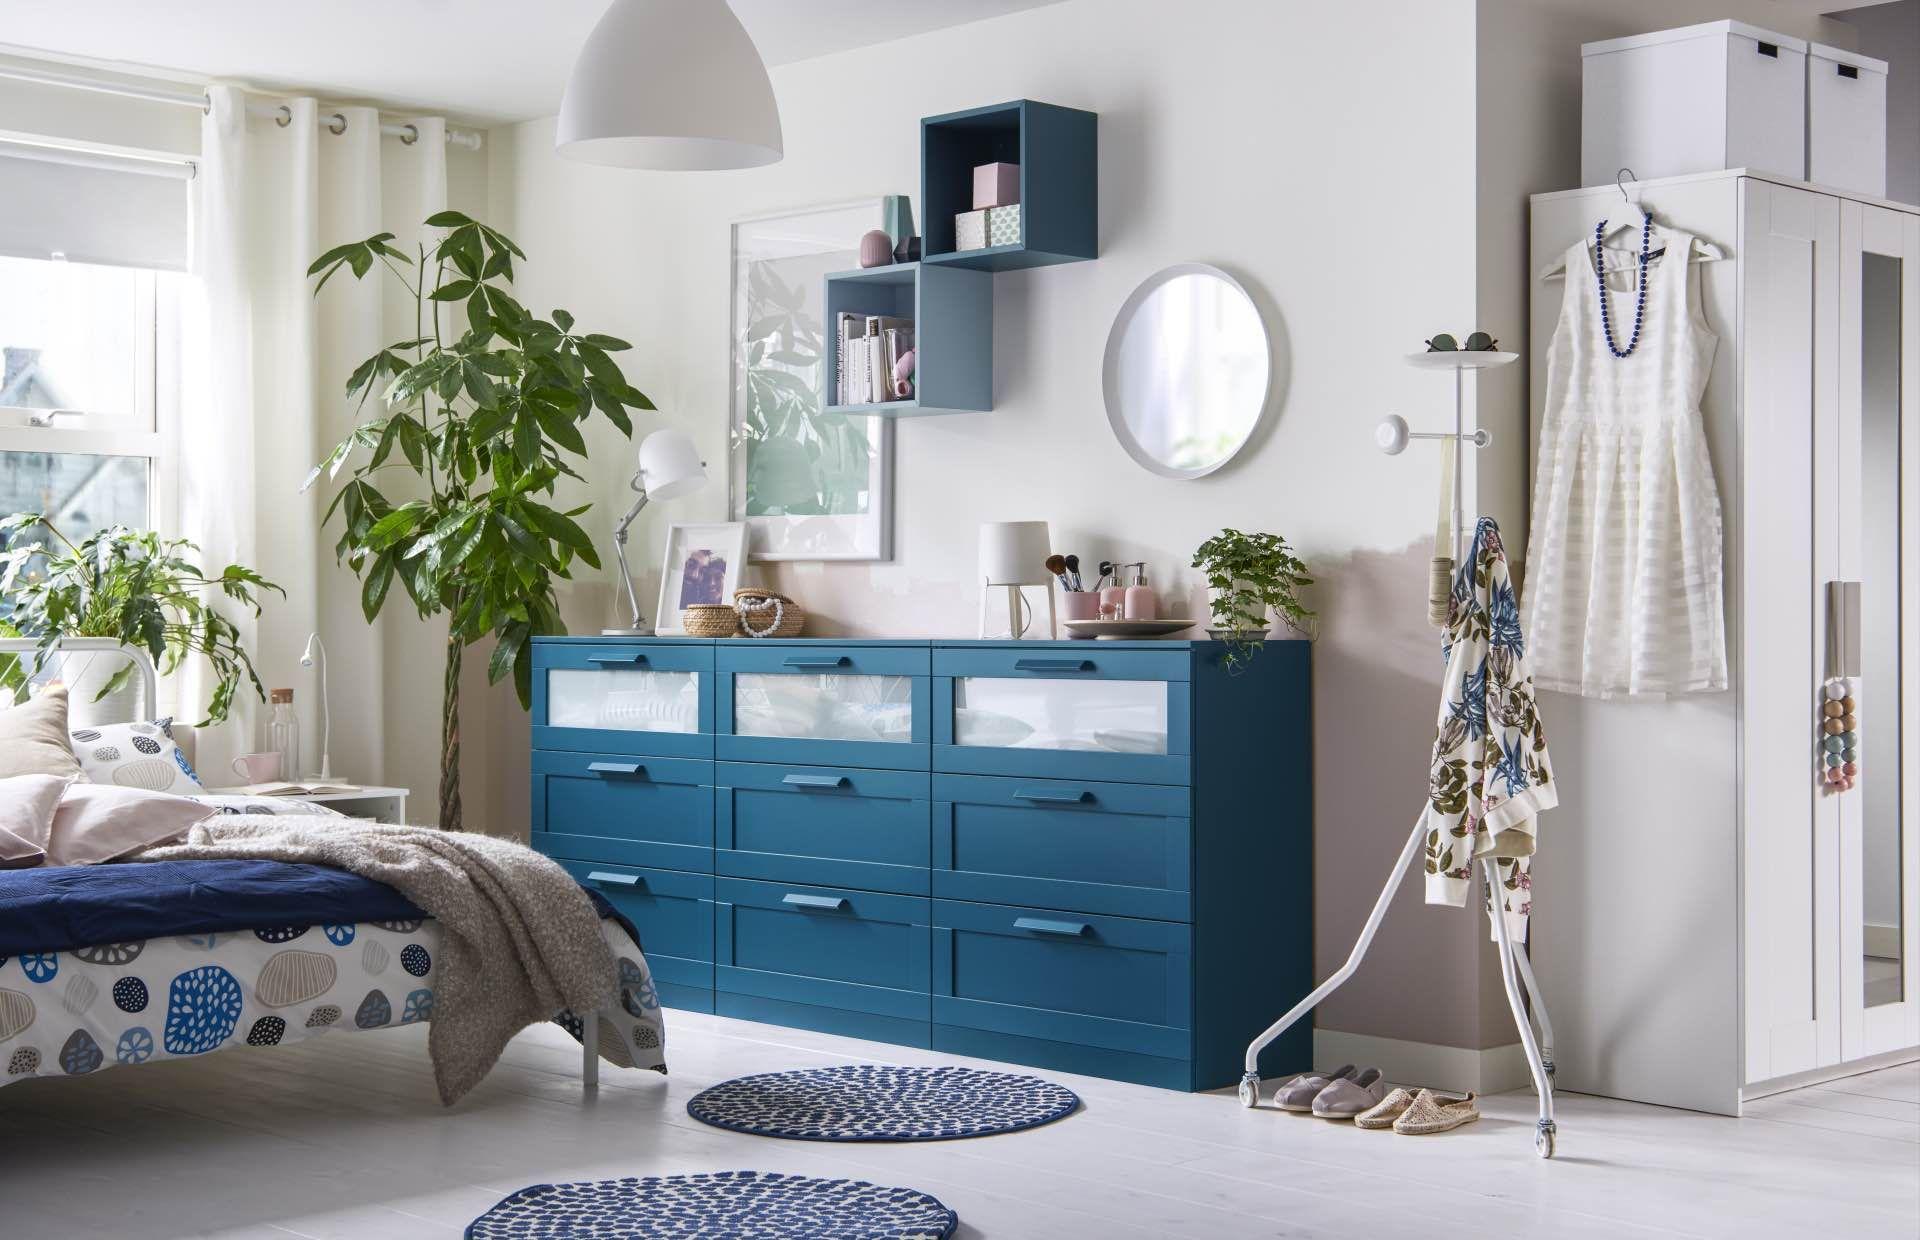 Para una habitaci n con un toque de originalidad una c moda brimnes en azul espacios azules - Comoda brimnes ...